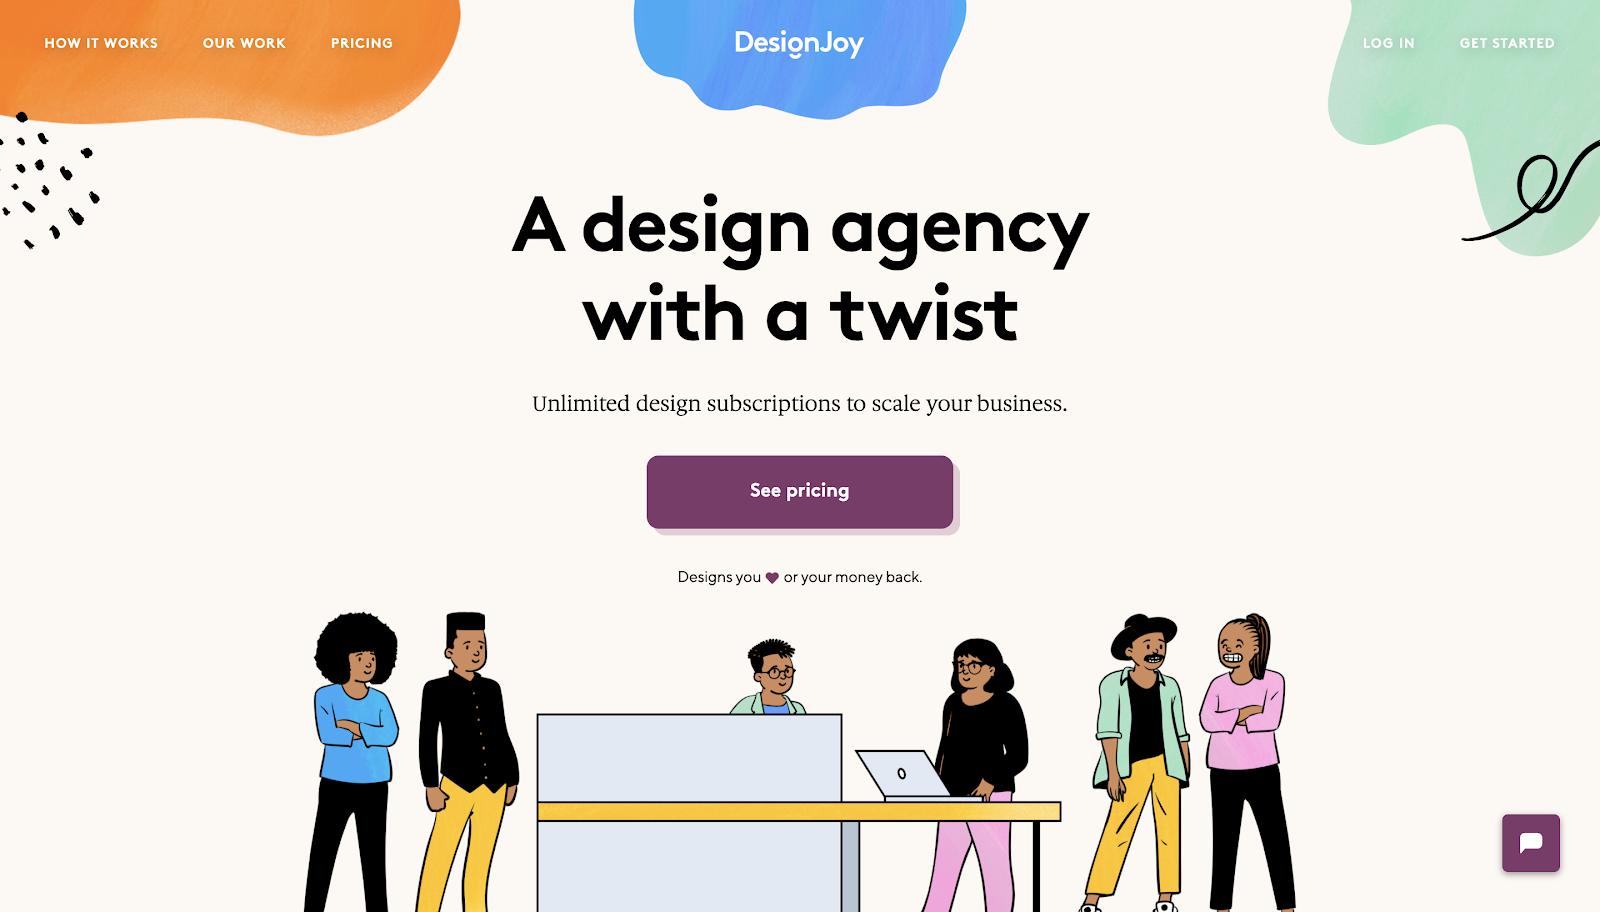 DesignJoy's website